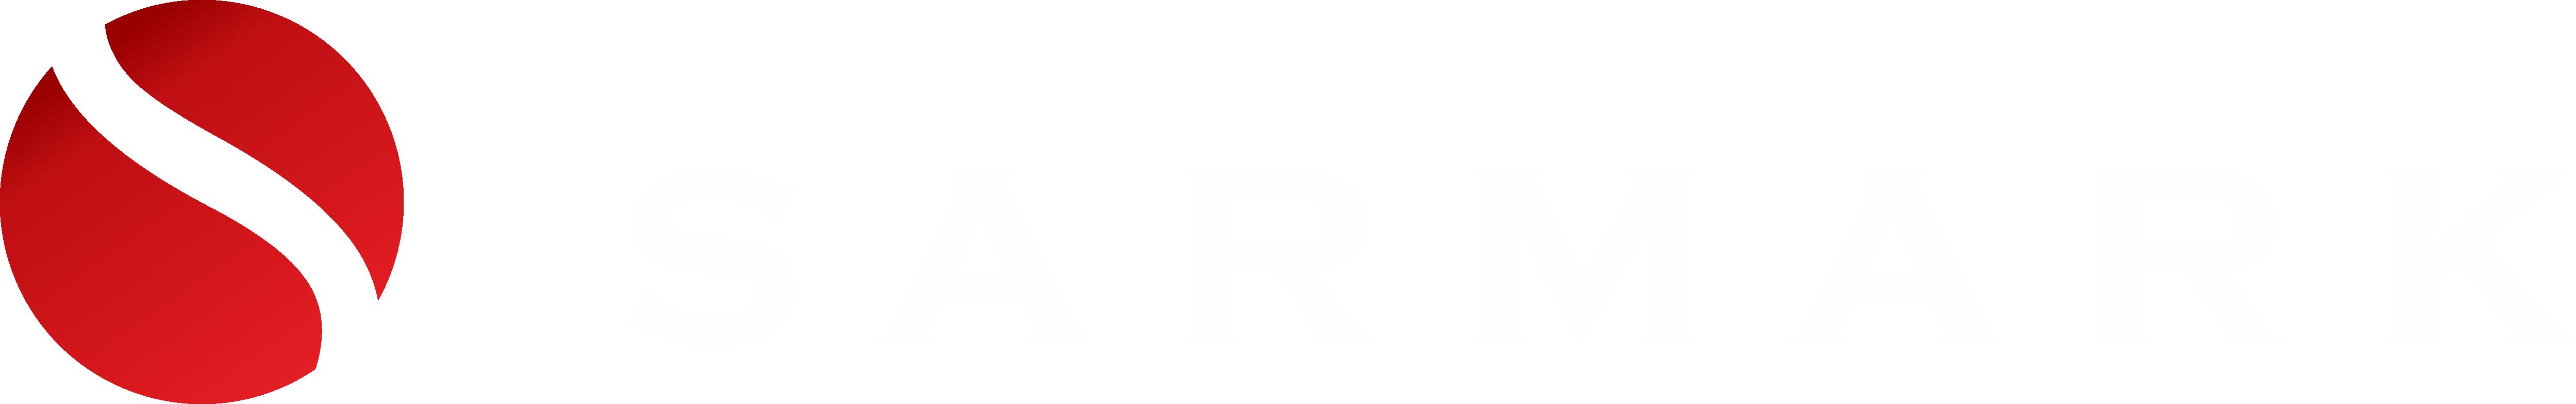 sarmark logo